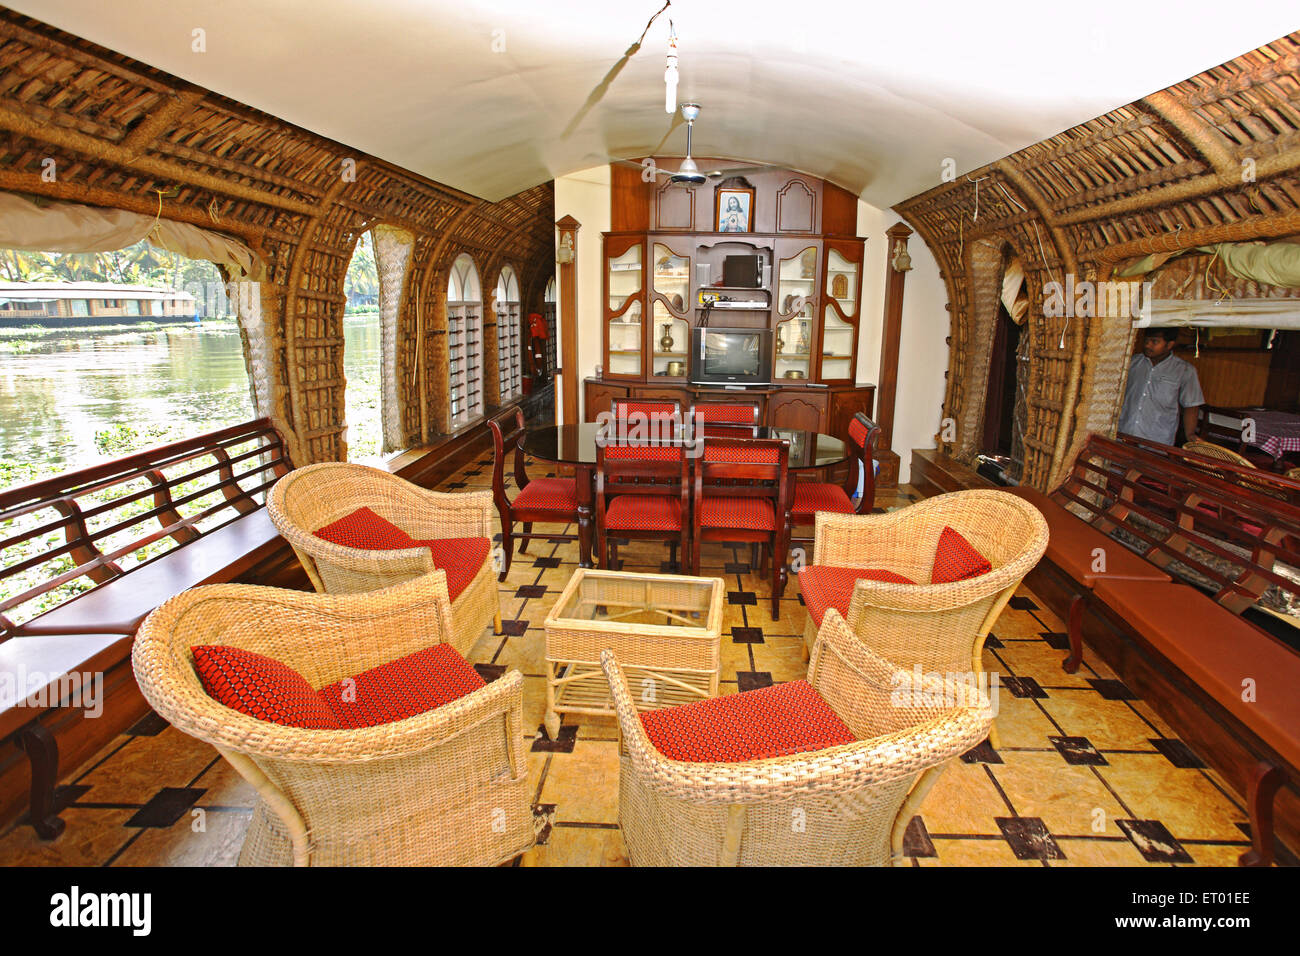 Lujoso salón en casa flotante en remansos ; ; ; Kerala Alleppey Alappuzha India Imagen De Stock